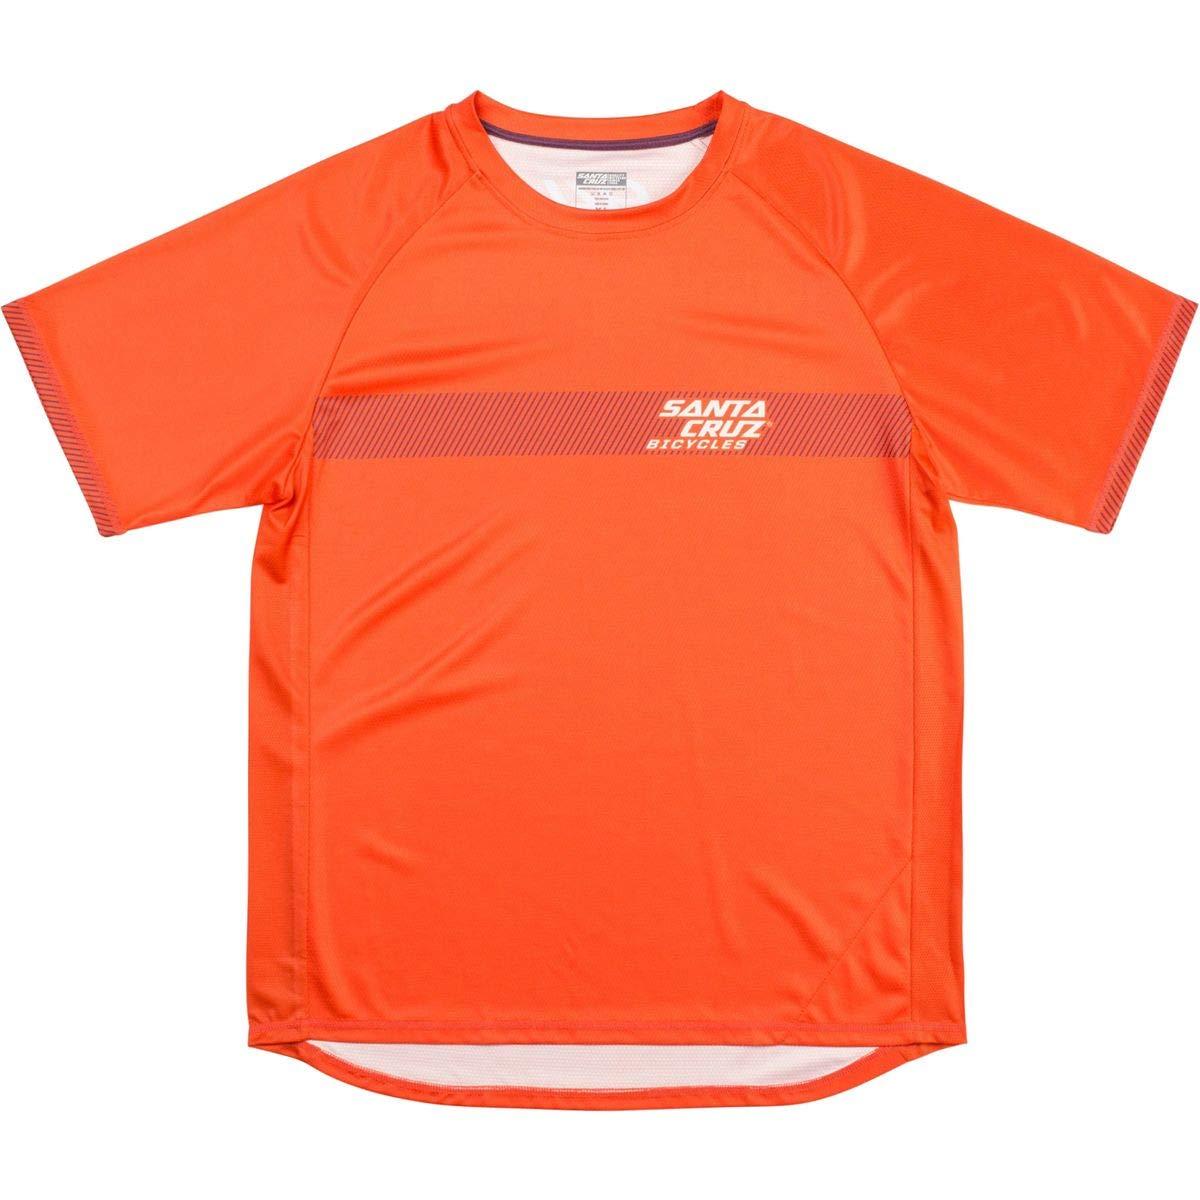 人気商品は [サンタクルーズ] [並行輸入品] メンズ サイクリング Dash Short-Sleeve [サンタクルーズ] Trail Jersey [並行輸入品] S S B07P568NCK, Bonenfant:f04674b9 --- arianechie.dominiotemporario.com